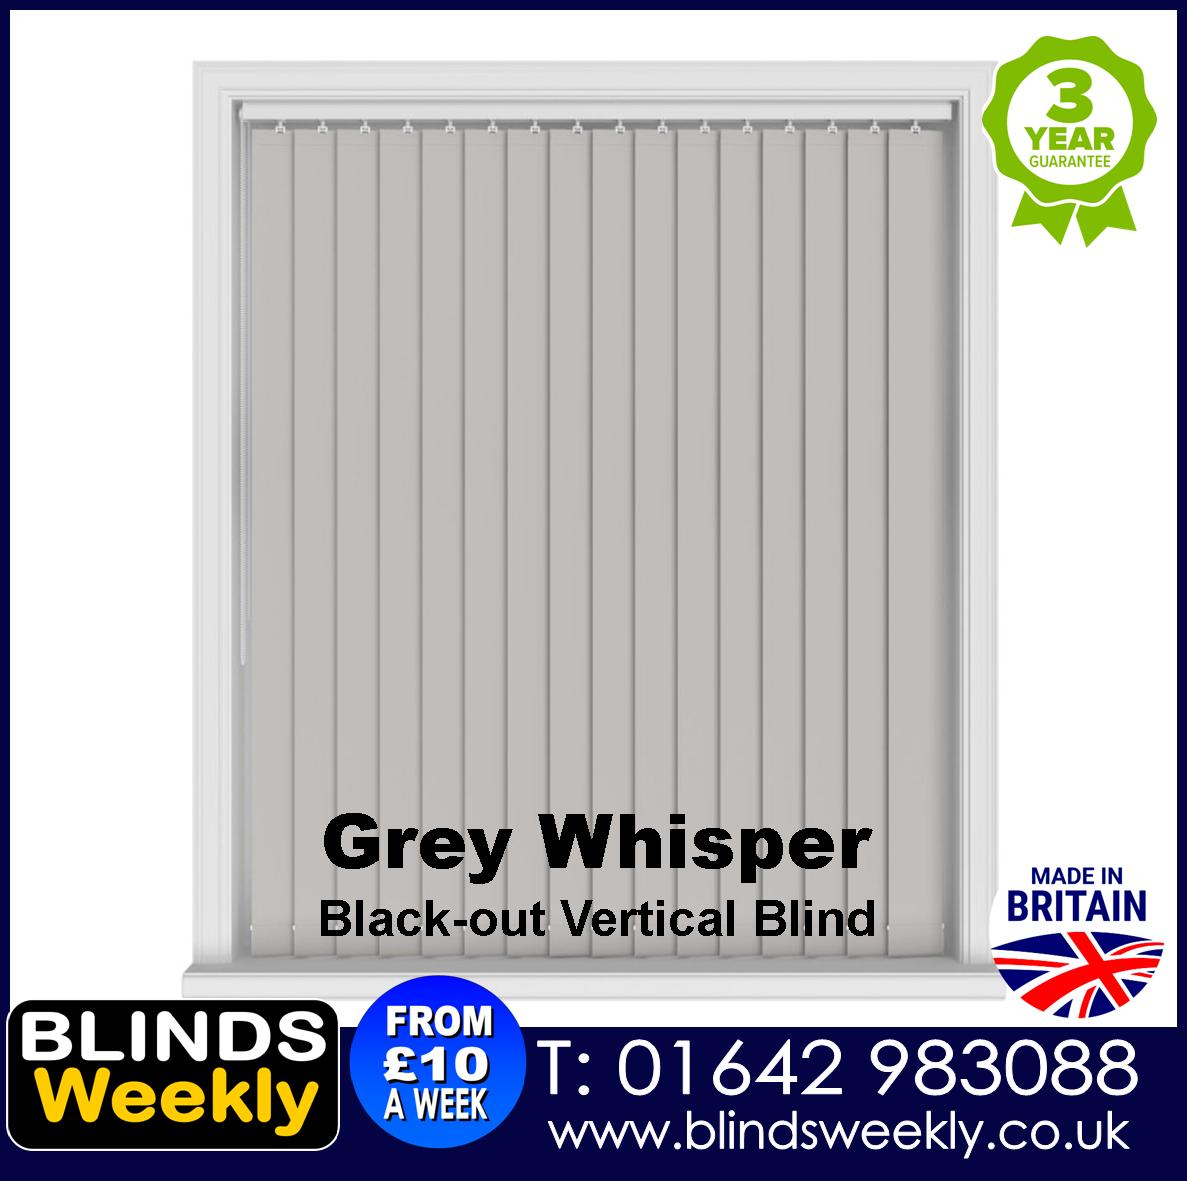 Blinds Weekly Blackout Vertical Blind - Grey Whisper